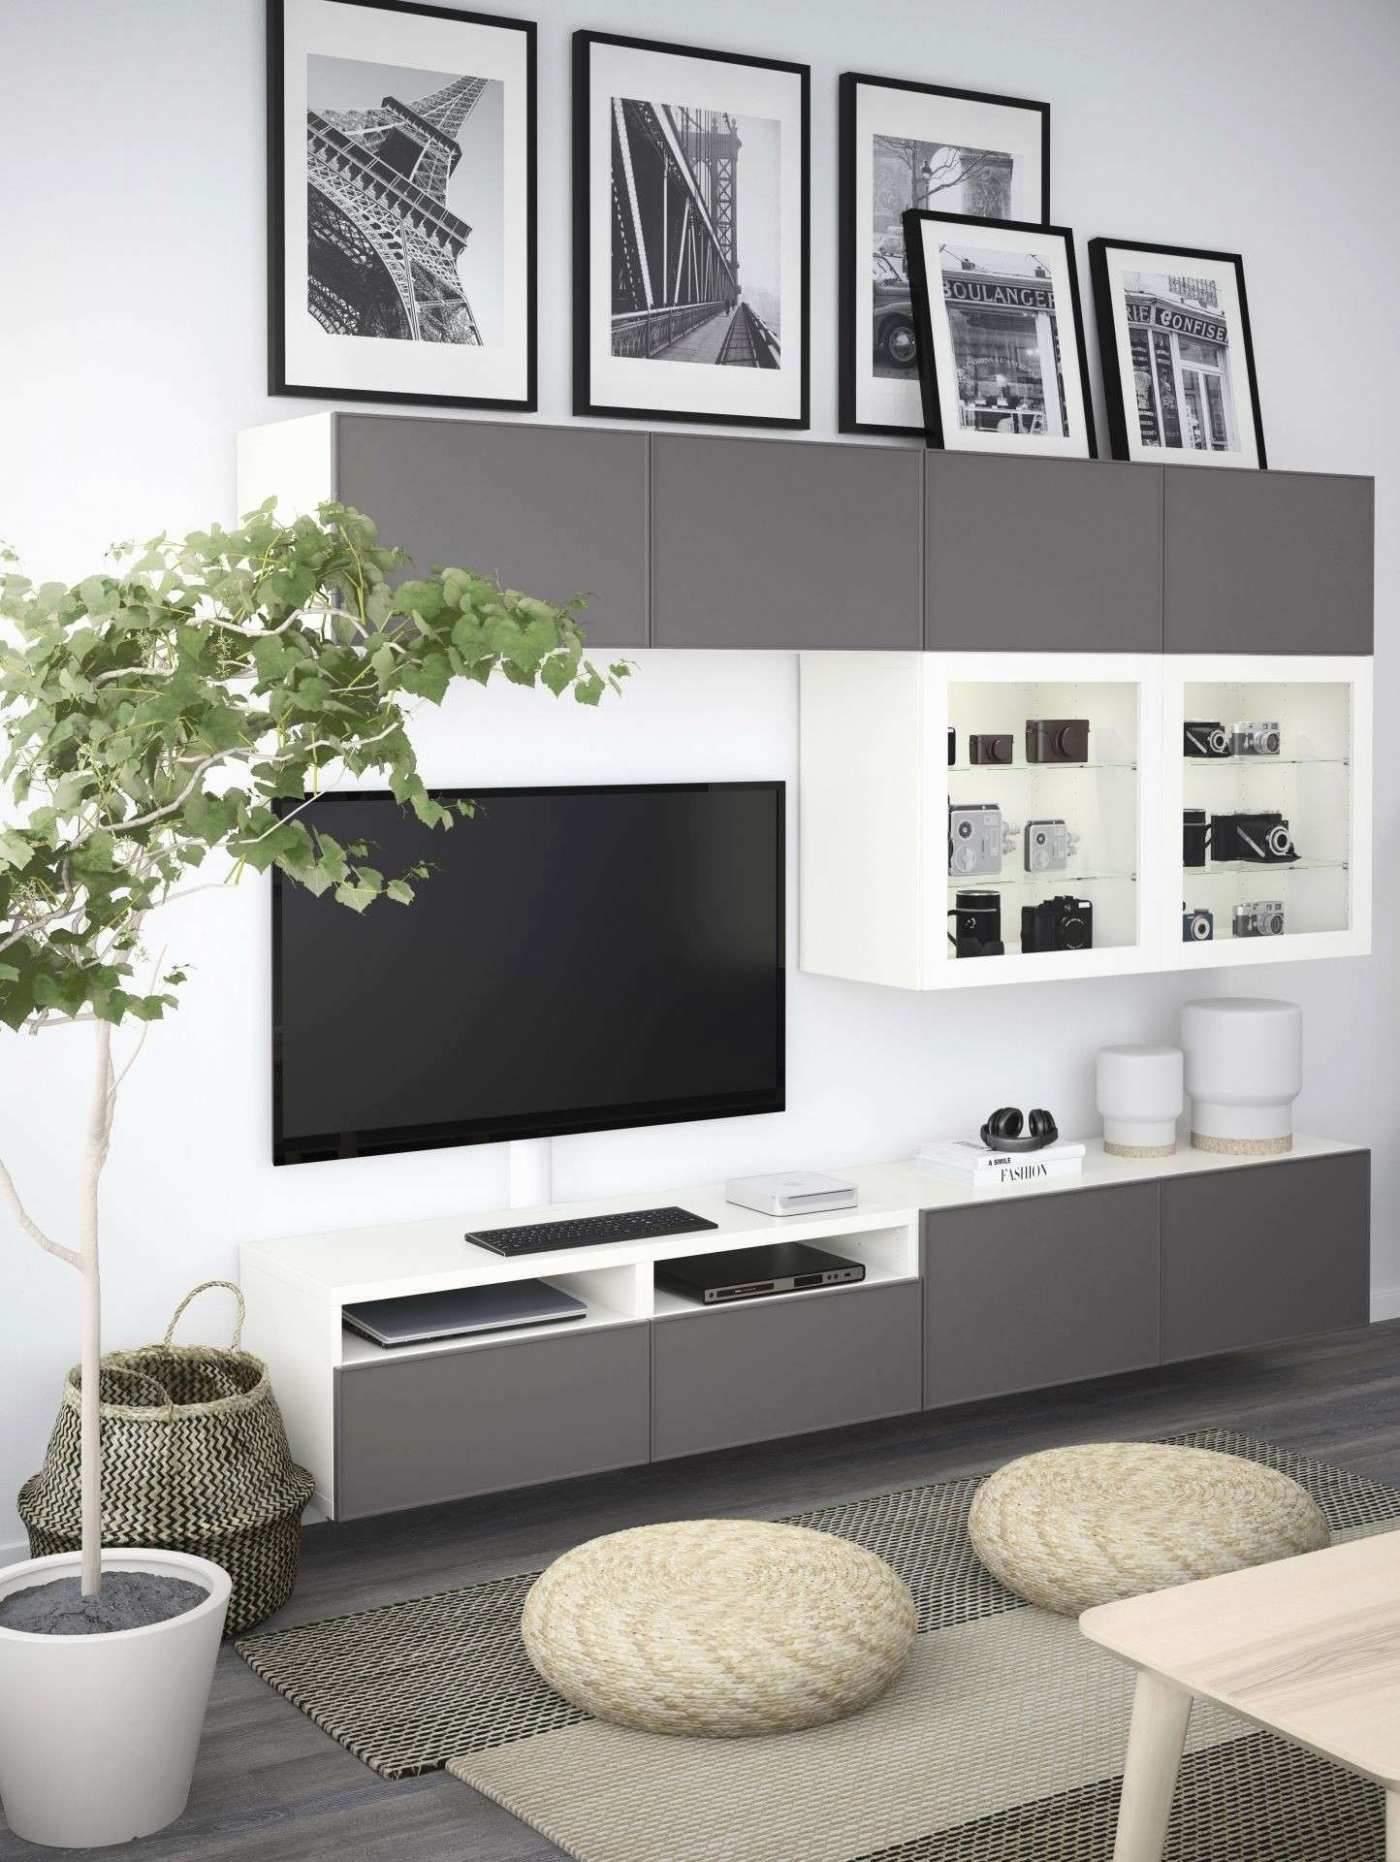 dekoideen wohnzimmer selber machen luxus 55 genial deko ideen selbermachen wohnzimmer neu of dekoideen wohnzimmer selber machen